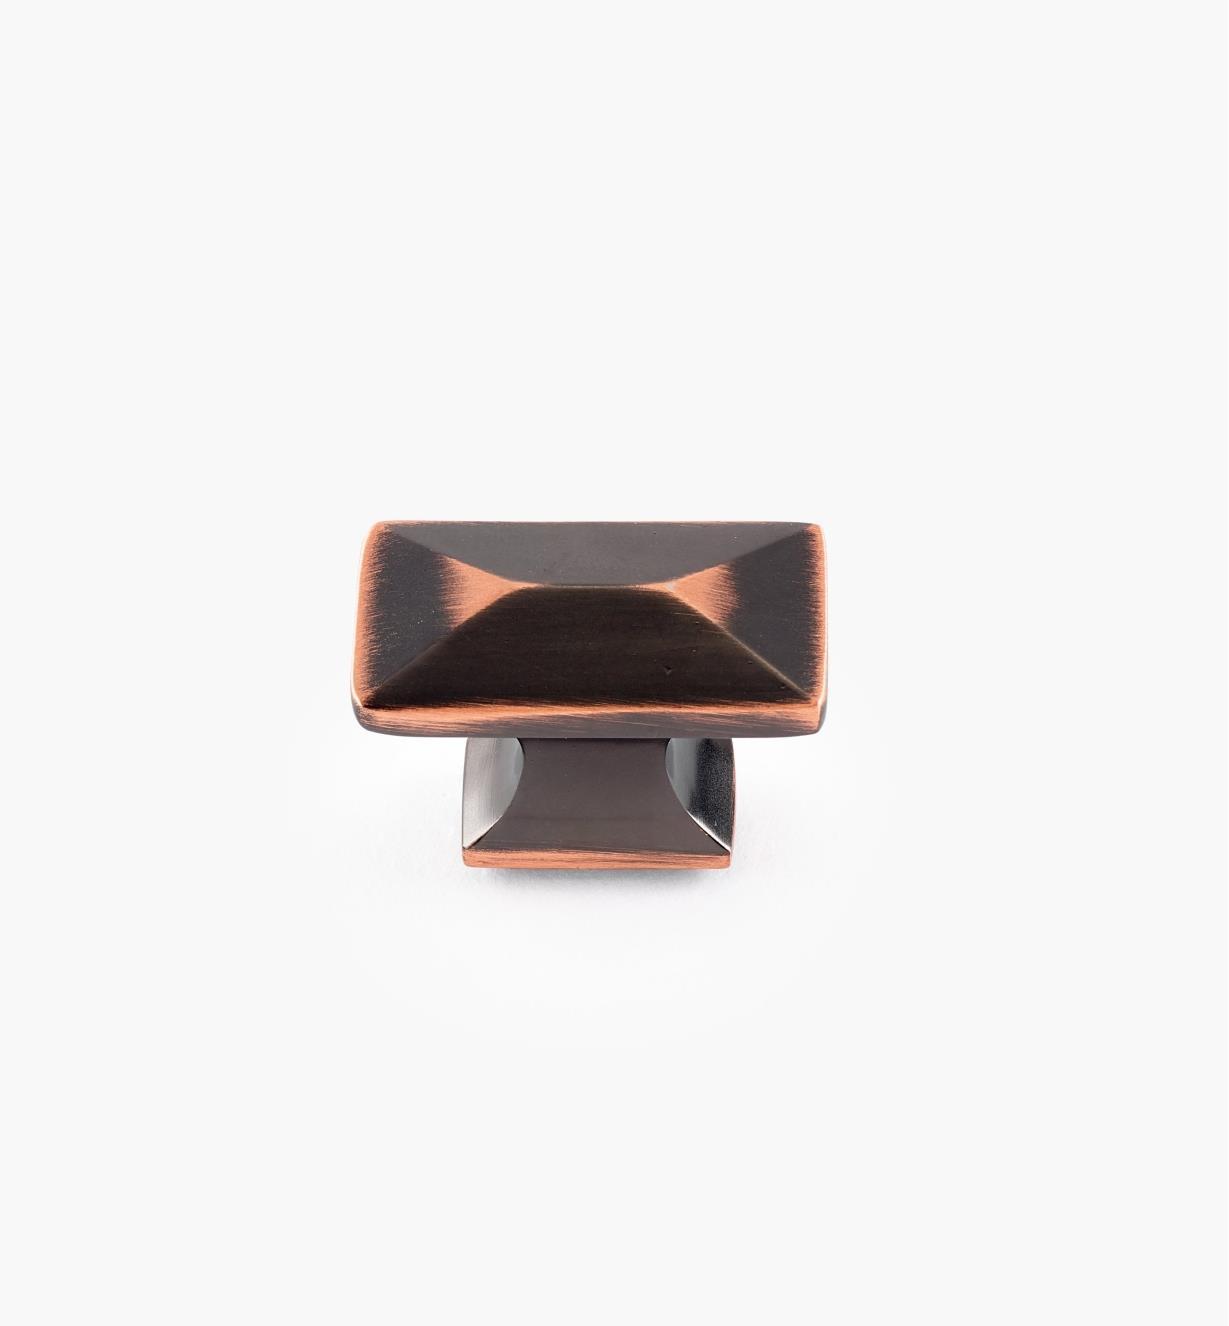 02W3531 - Bouton de 1 1/4 po x 11/16 po, série Bungalow, fini bronze cuivré